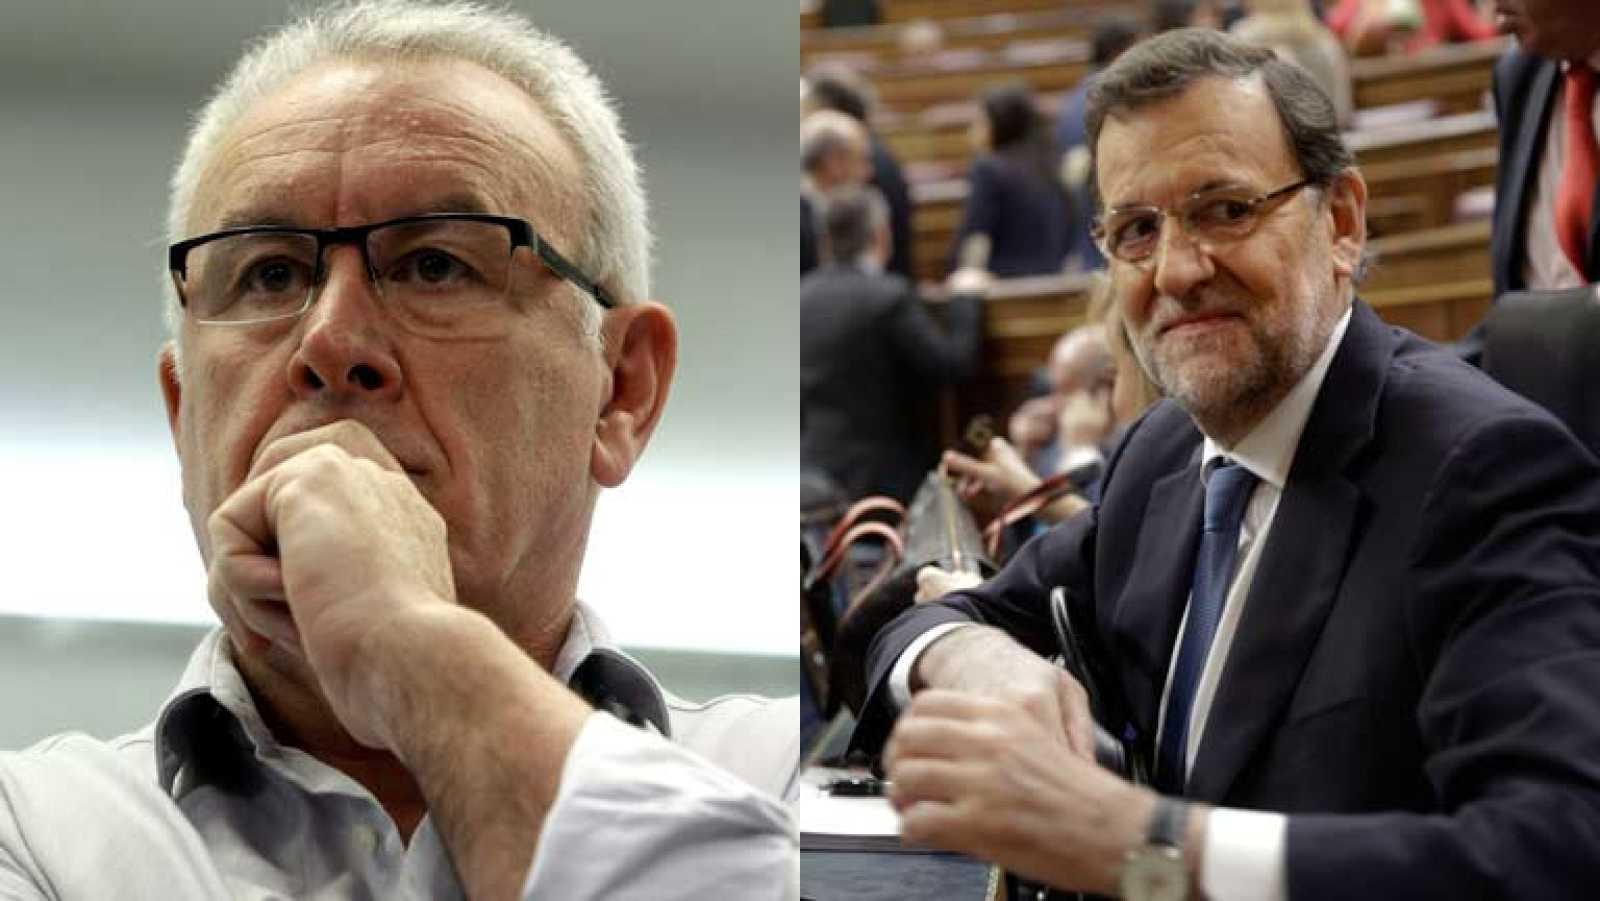 Lara defiende el derecho de huelga y Rajoy le dice que respeta la ley